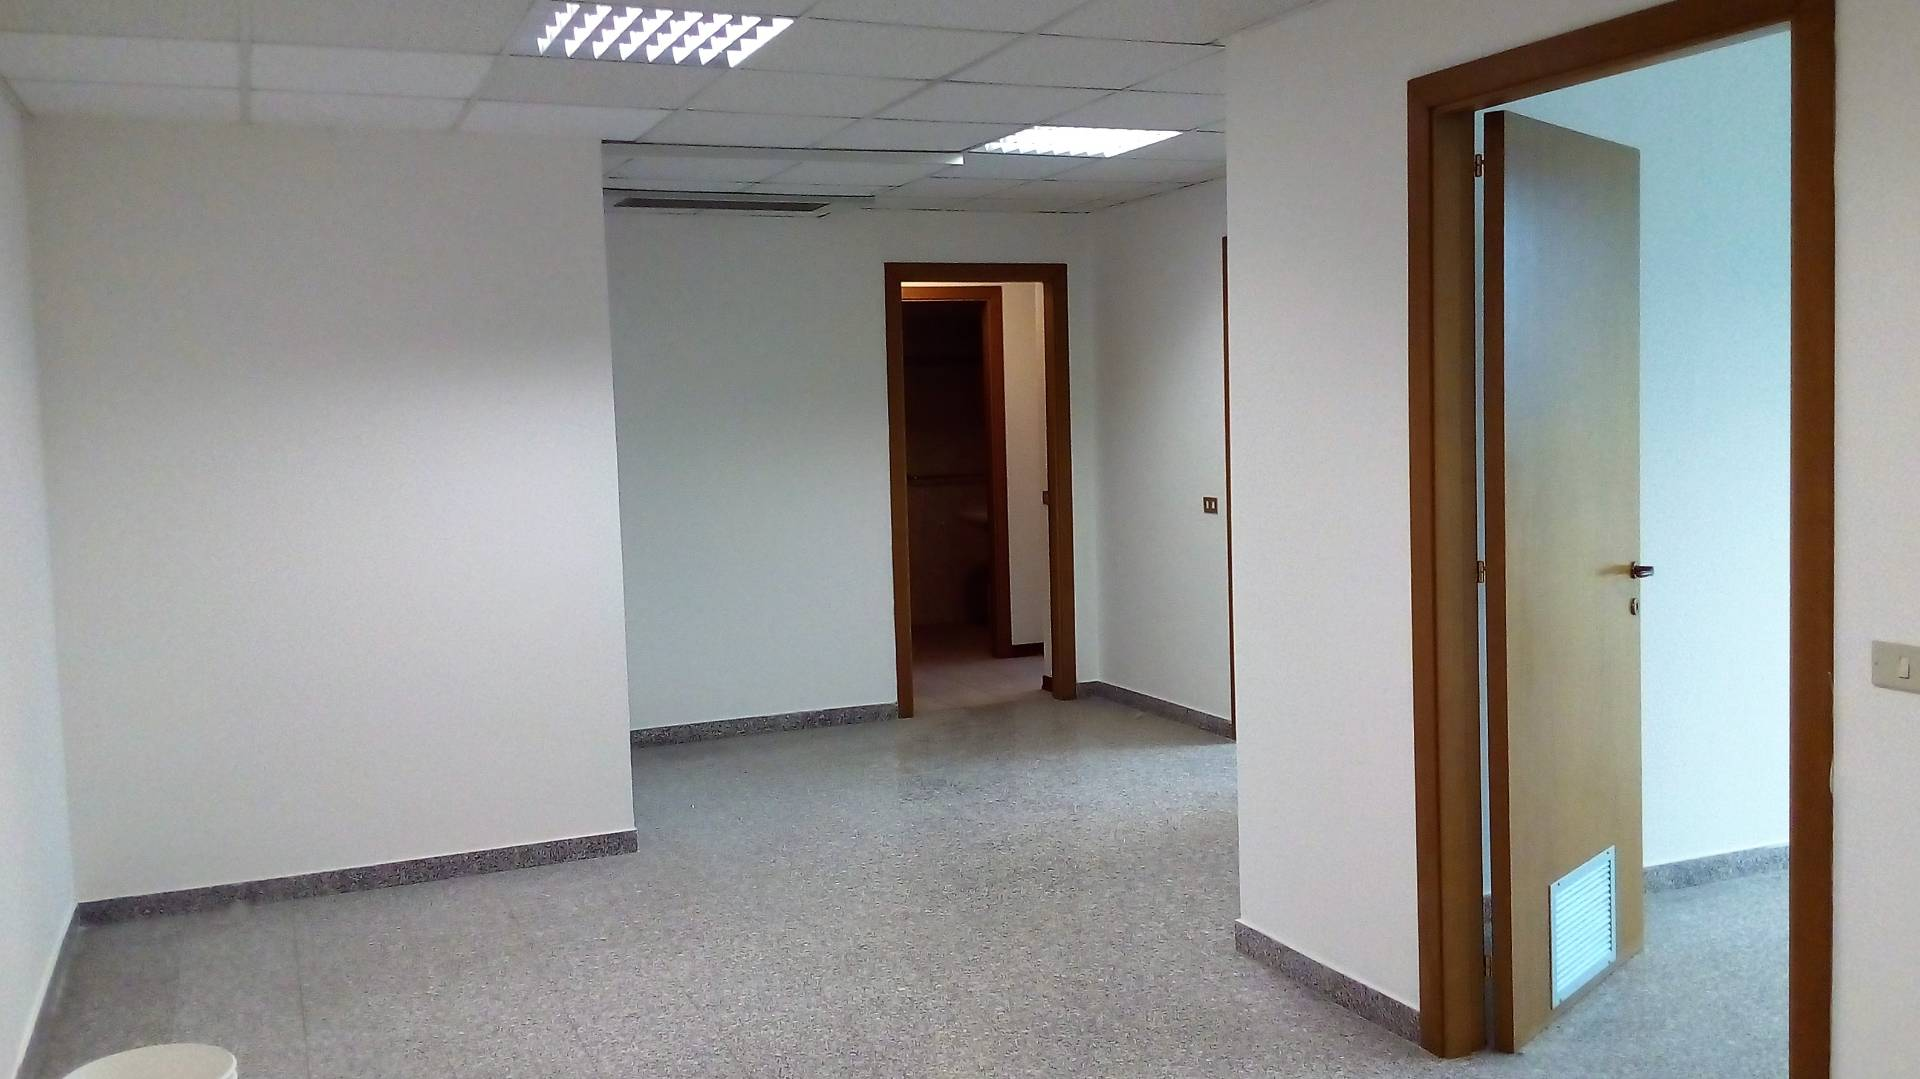 Ufficio / Studio in affitto a Ascoli Piceno, 9999 locali, zona Località: P.taMaggiore, prezzo € 500 | Cambio Casa.it